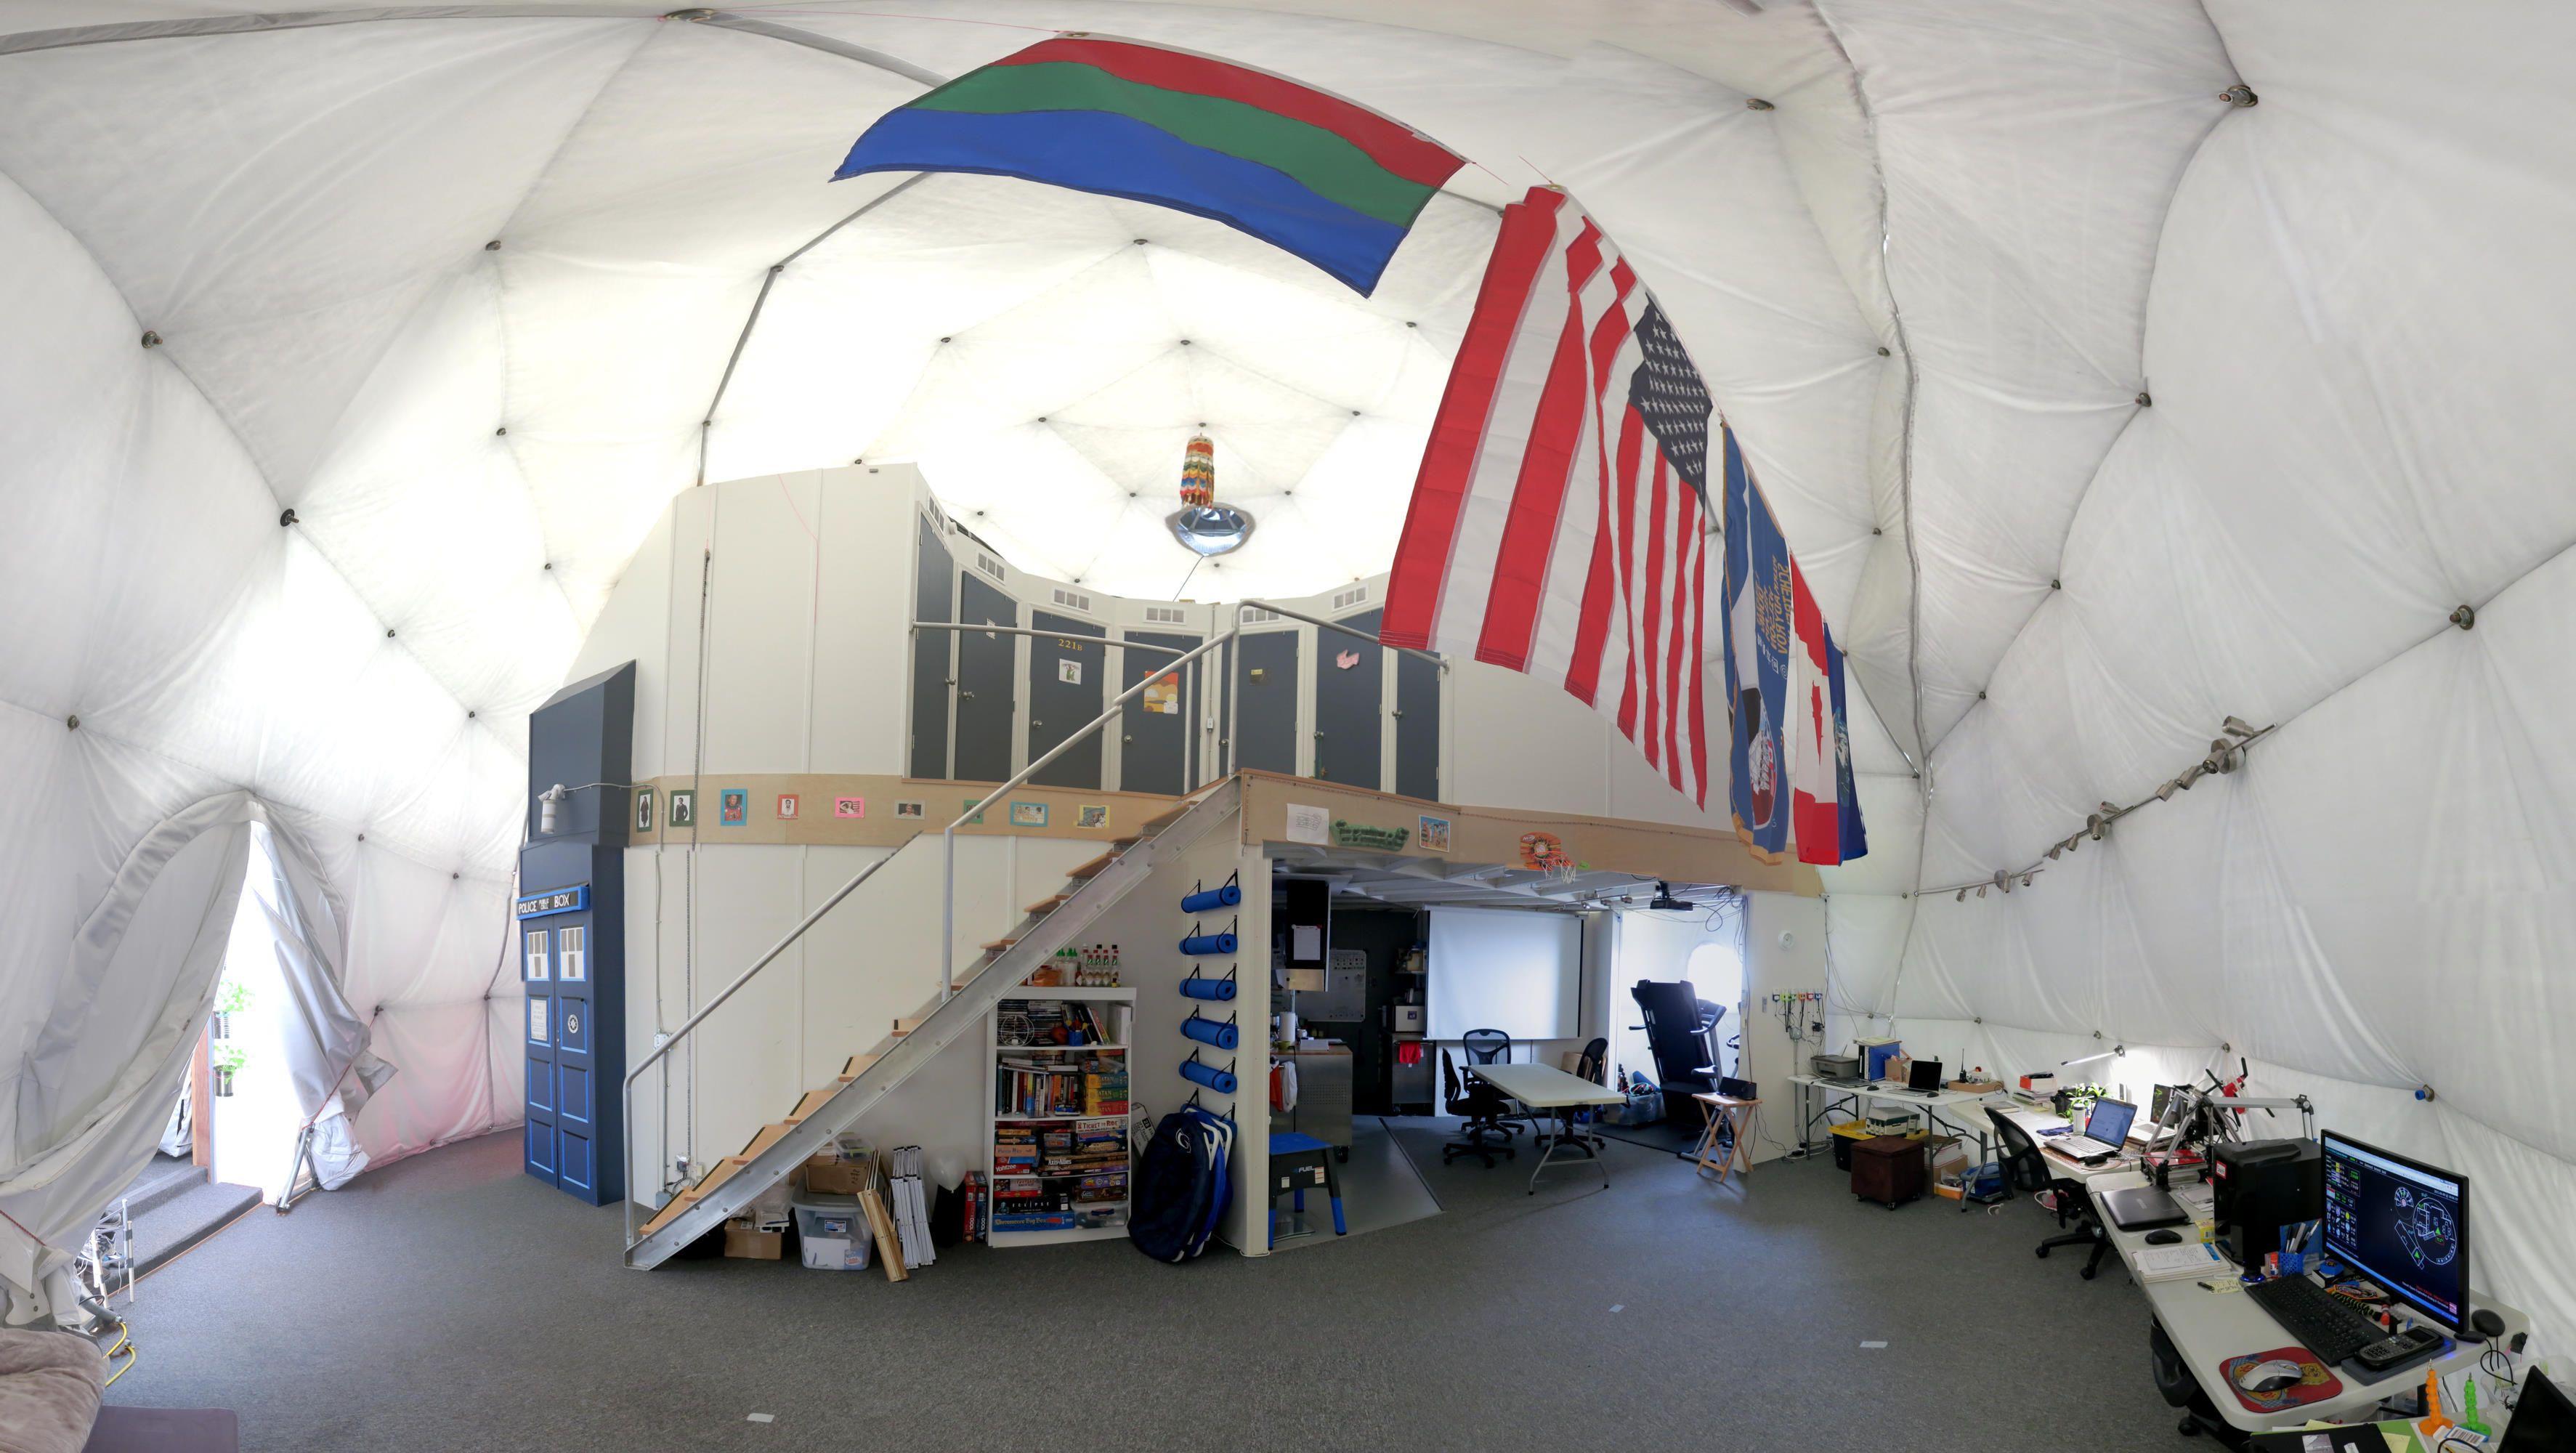 Slik ser kuppelen ut inne. Dette bildet er fra forrige «ekspedisjon». Foto: University of Hawaii at Manoa